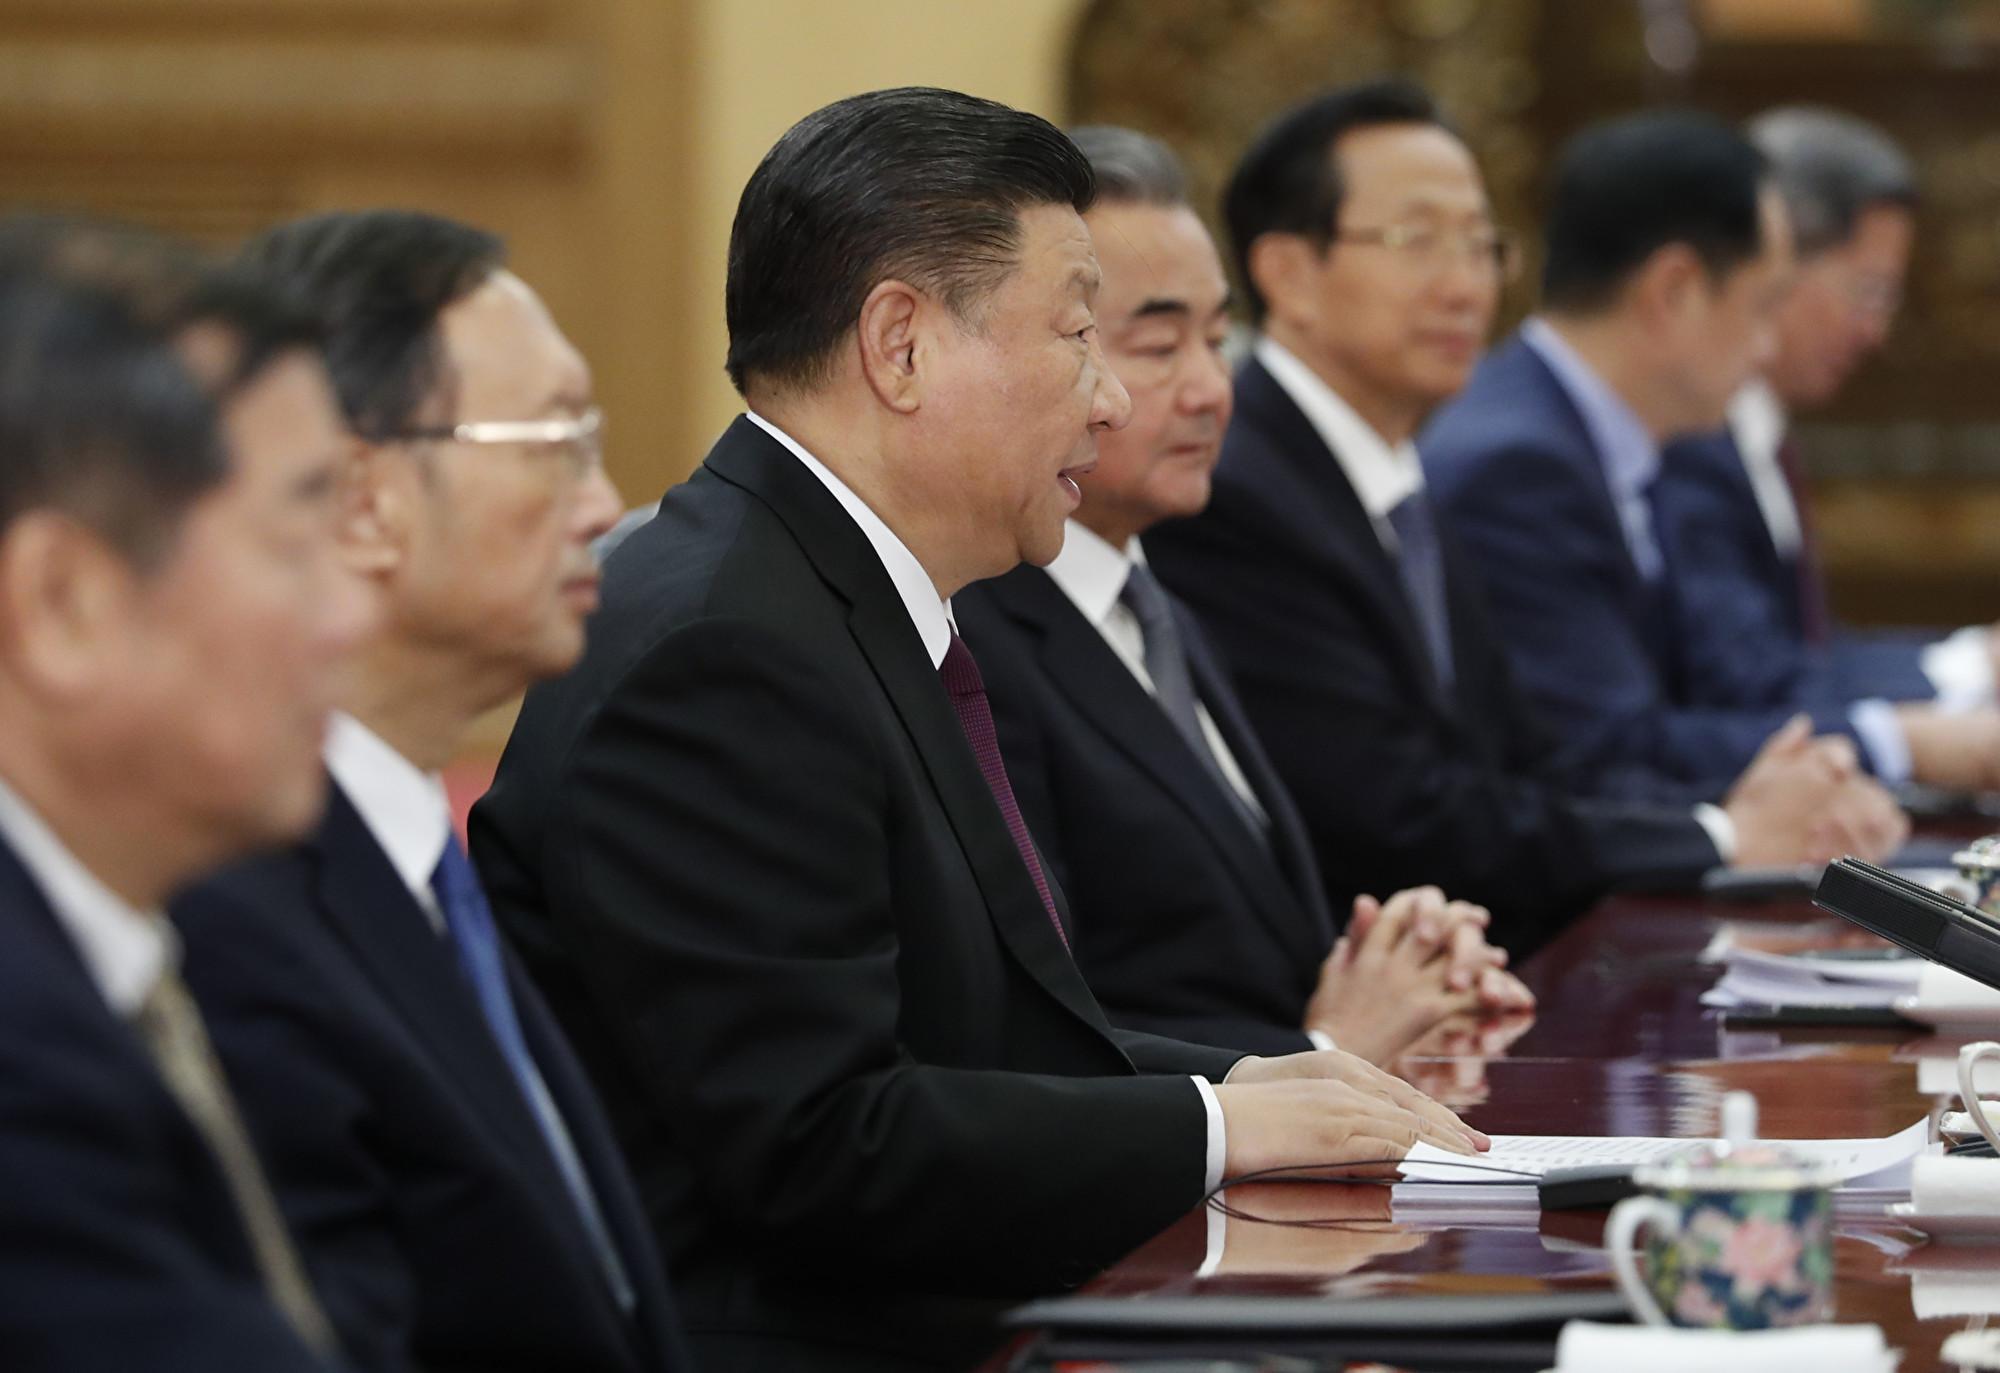 中共談國家治理現代化 分析:開歷史倒車